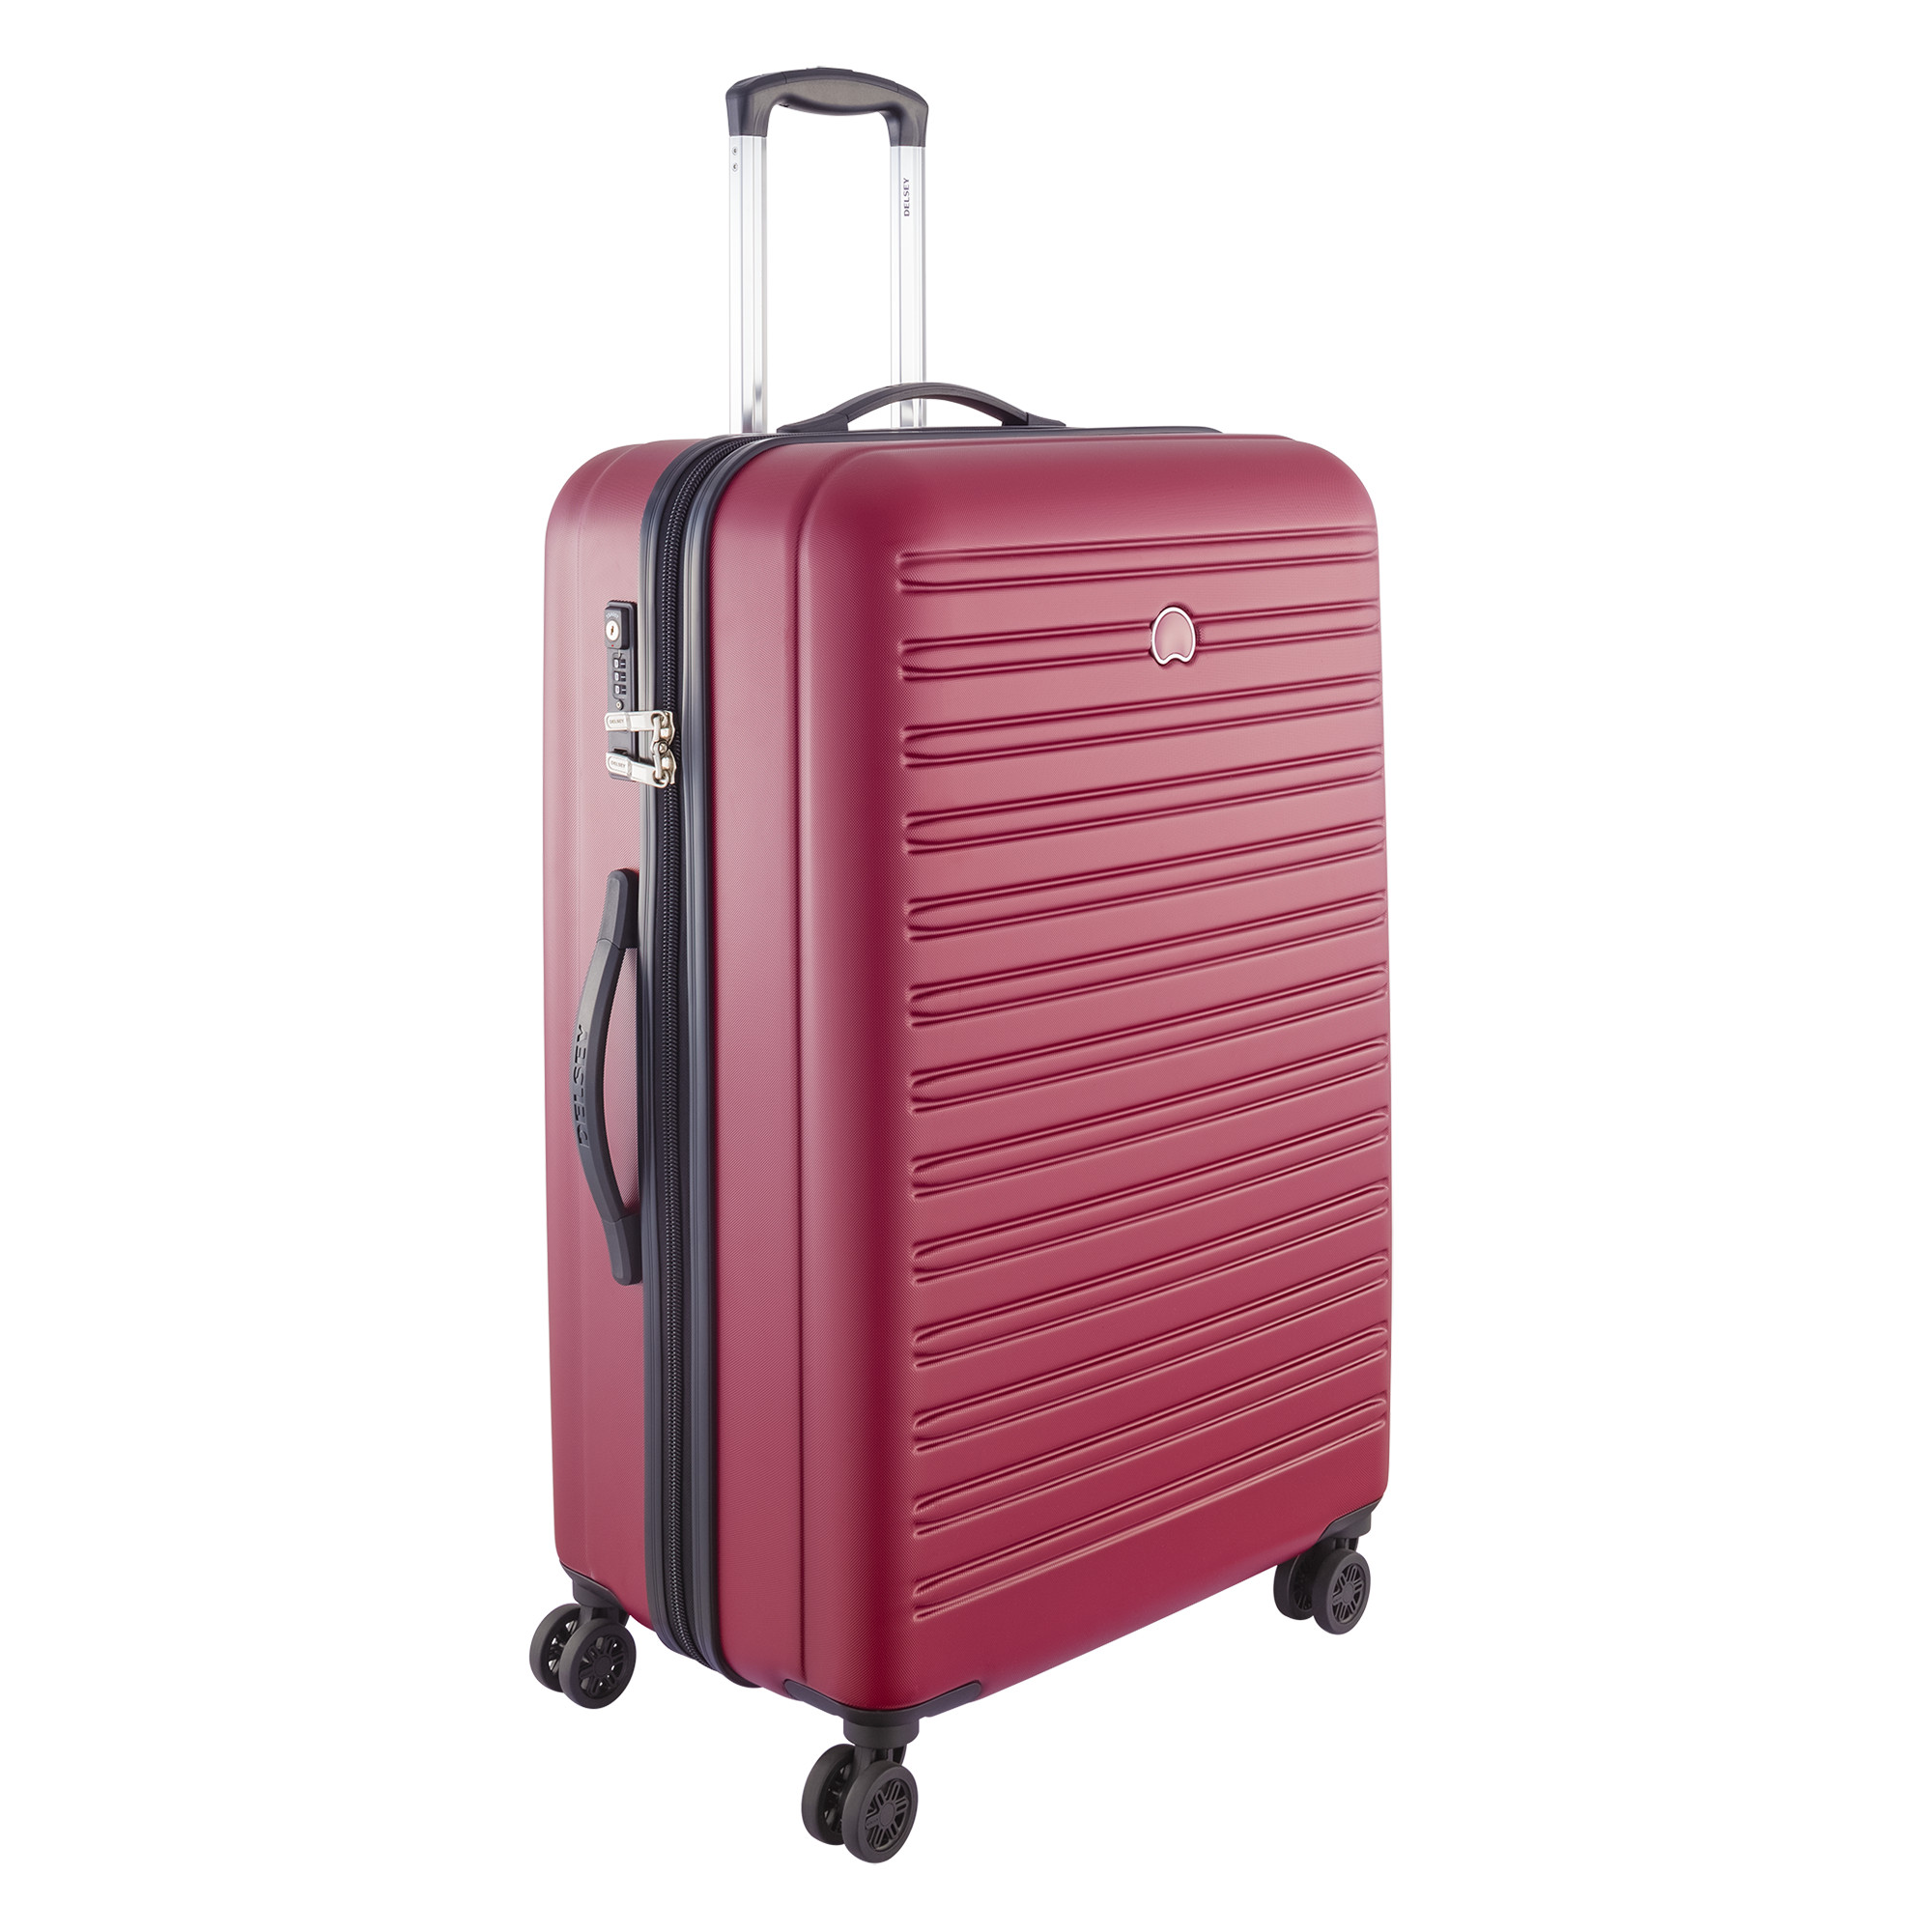 Delsey koffers aanbieding